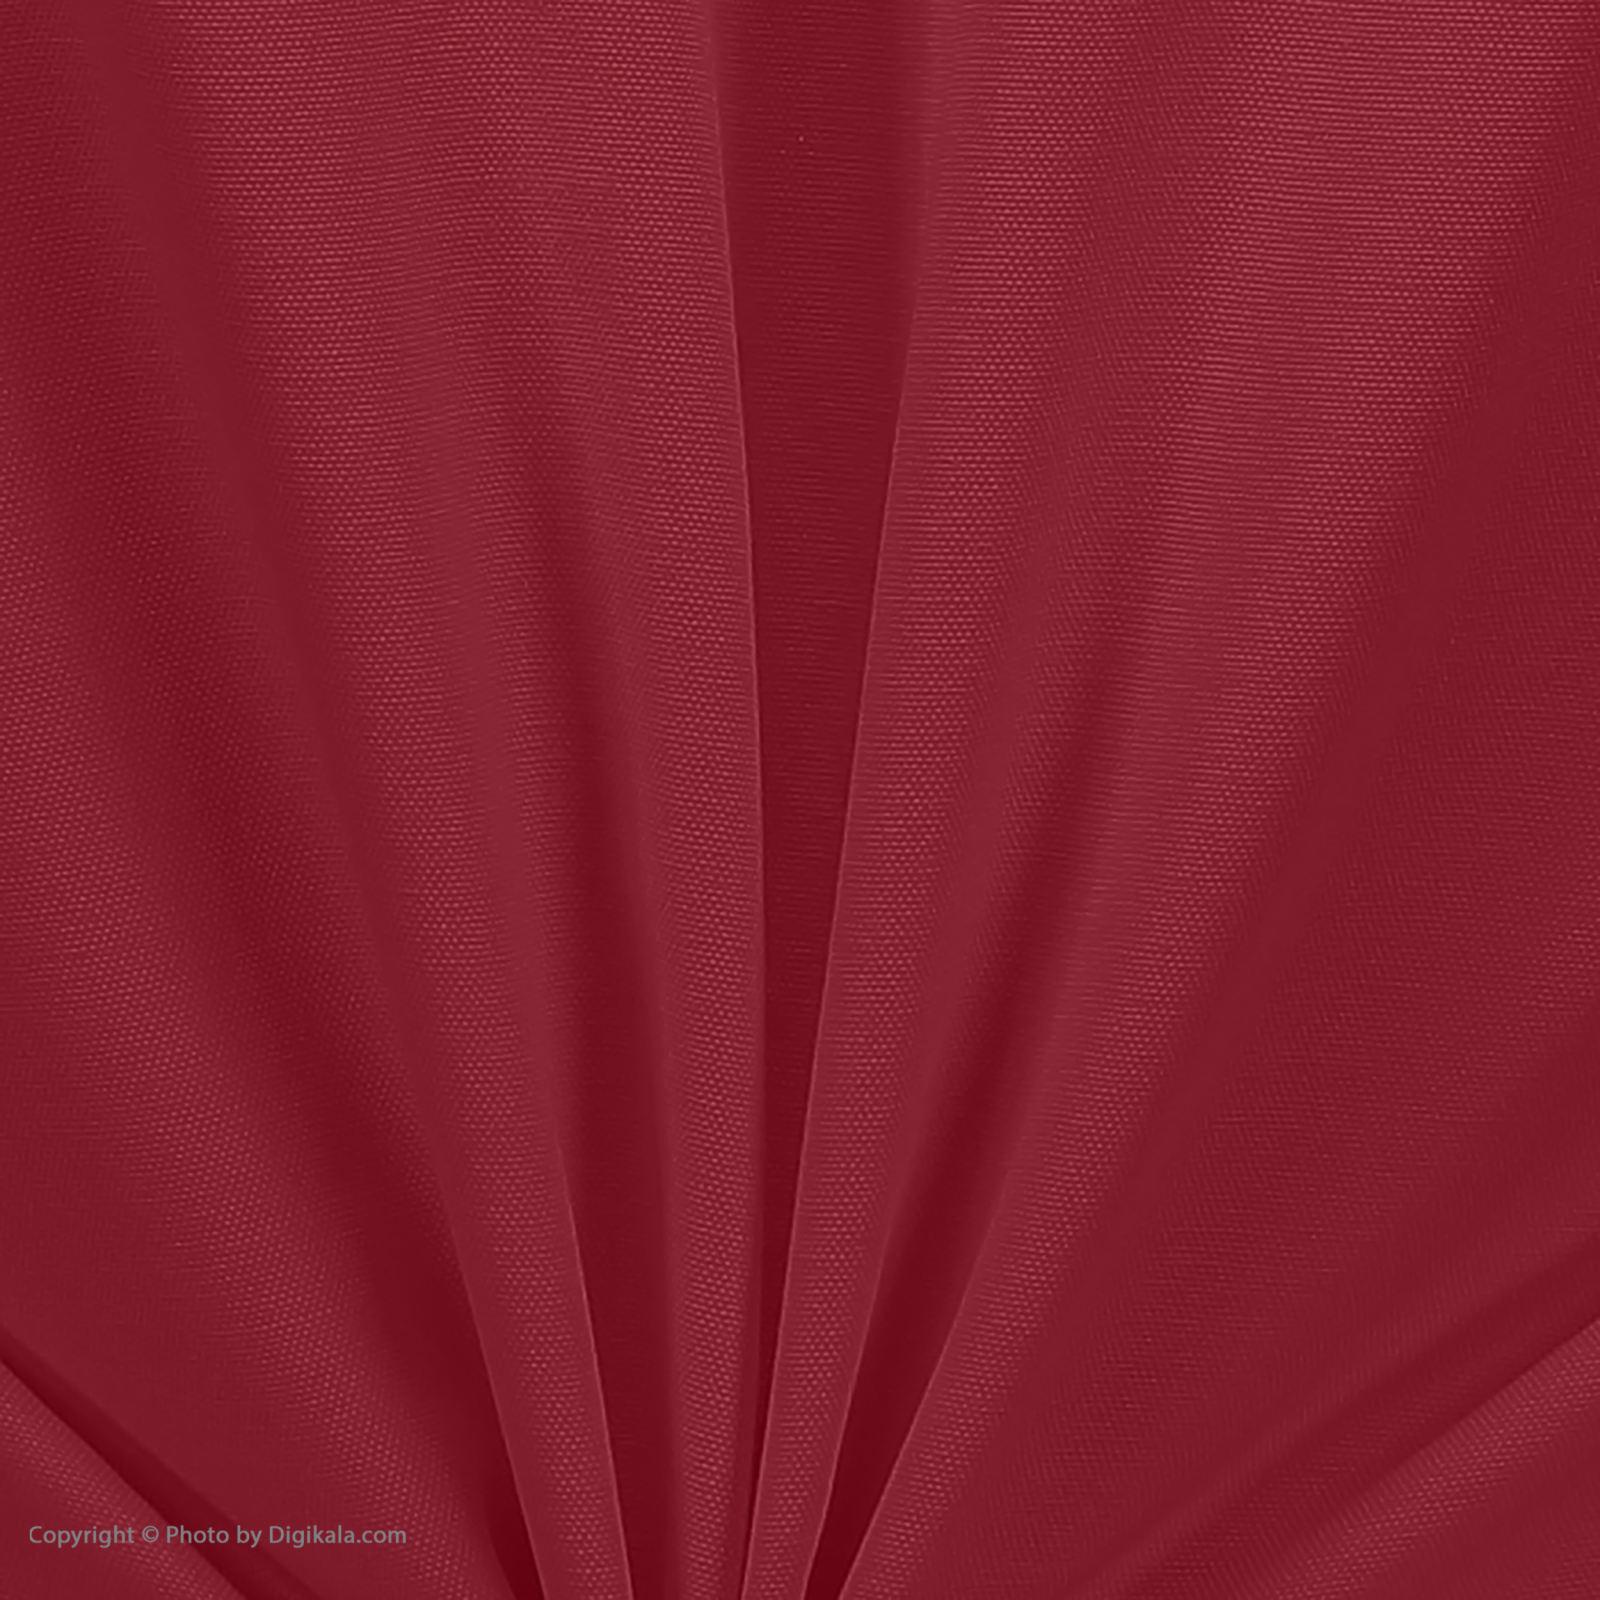 پیراهن مردانه زی مدل 153119770 -  - 4